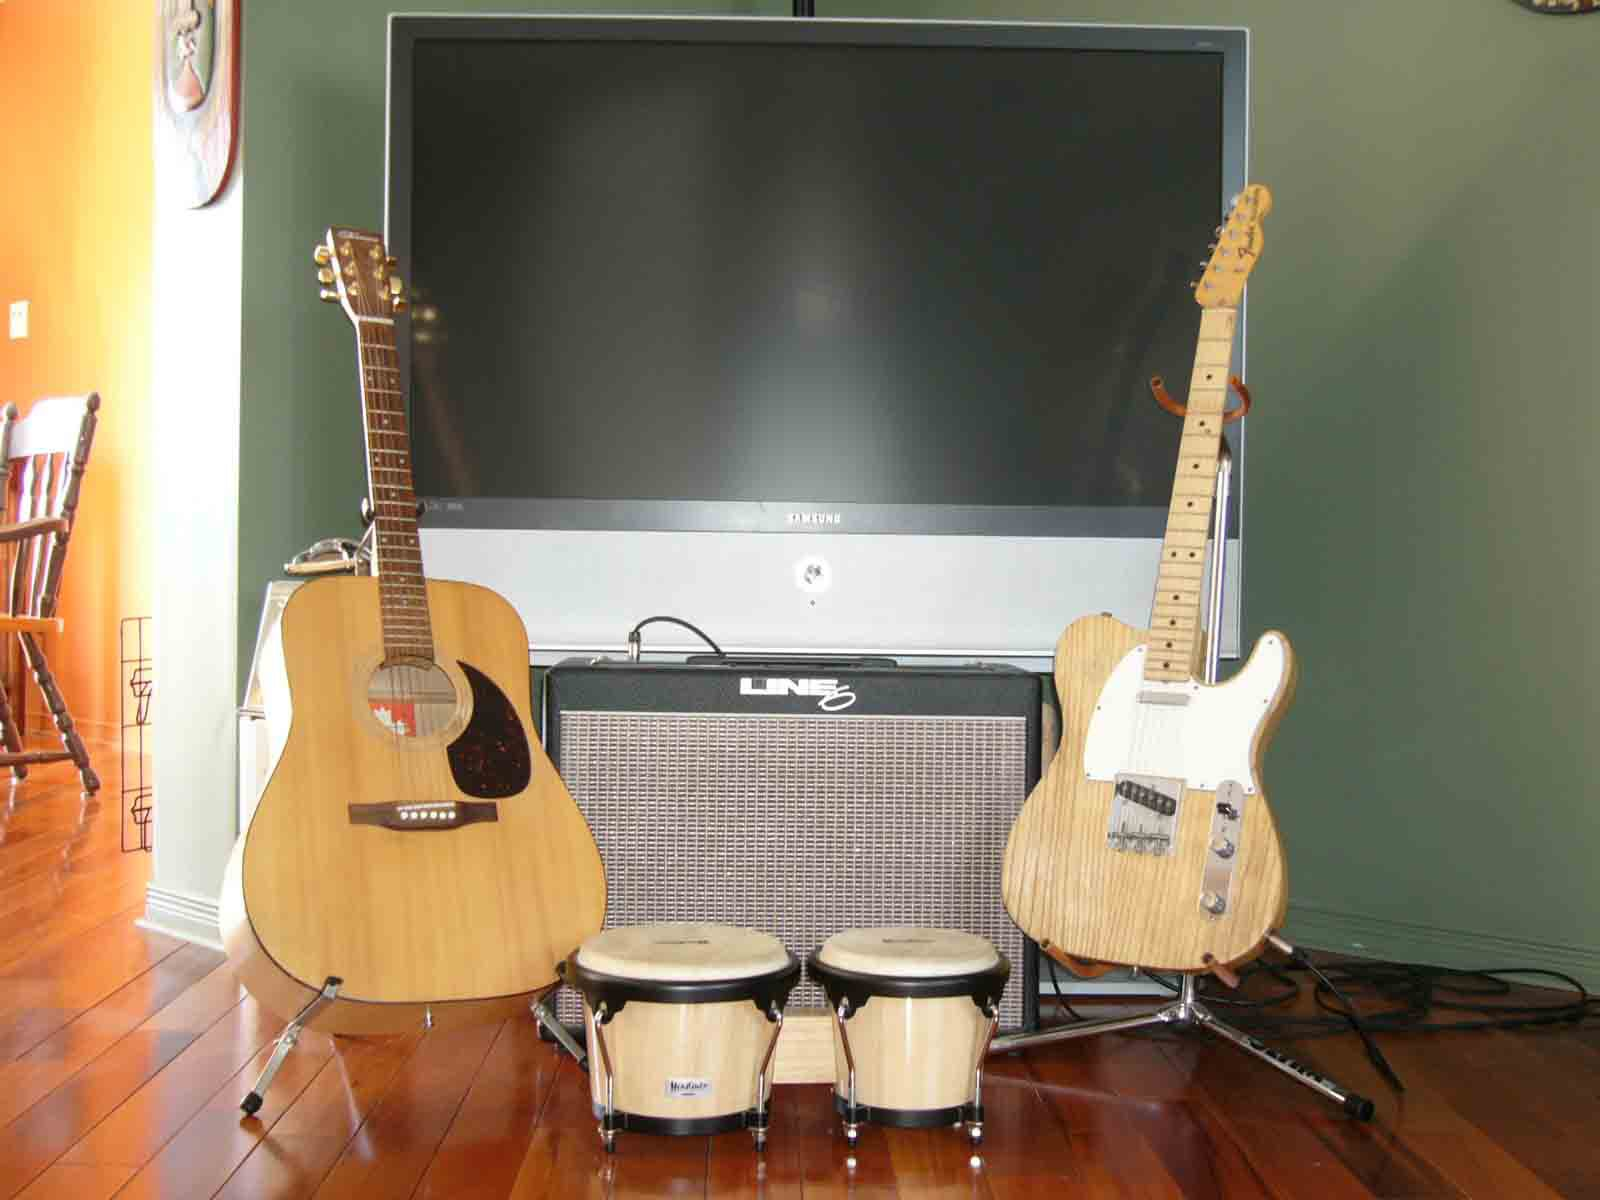 My Guitard!